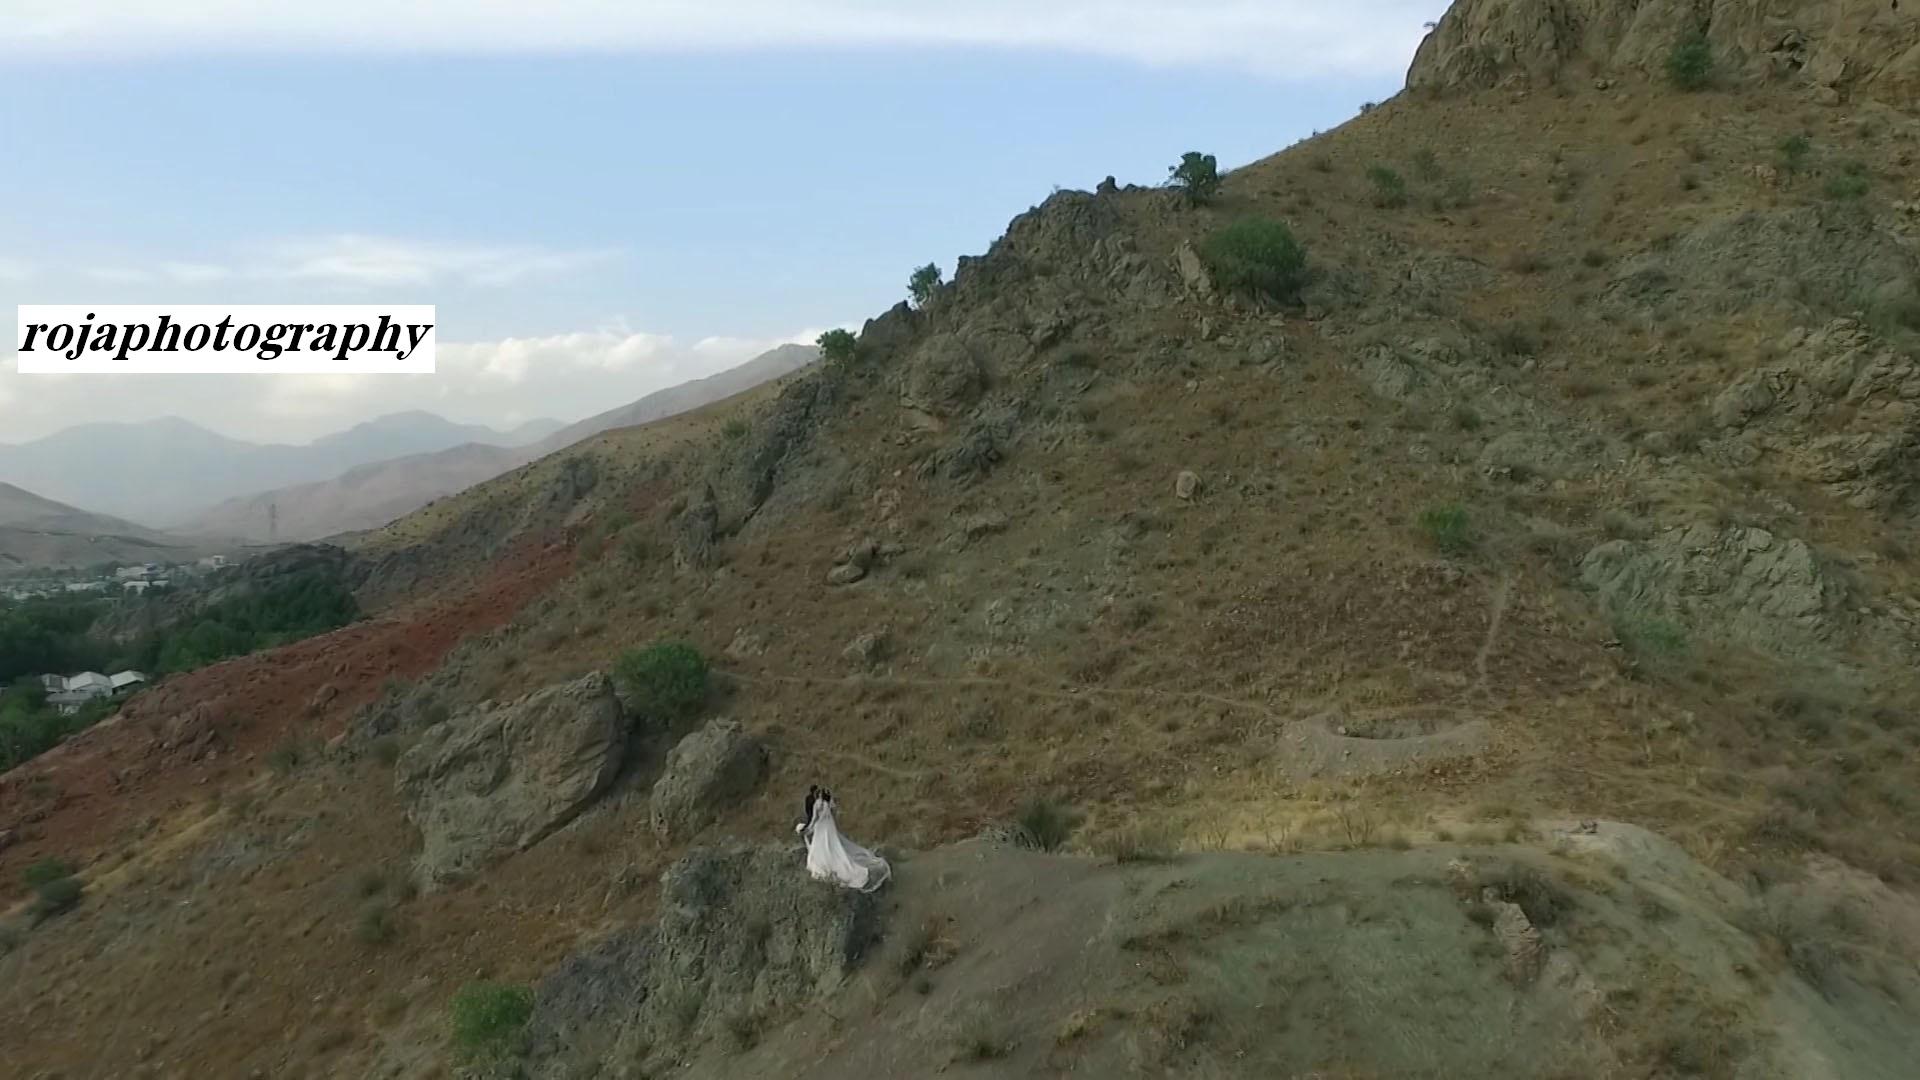 استودیو عکس و فیلم روجا | عروس و داماد در طبیعت بکر